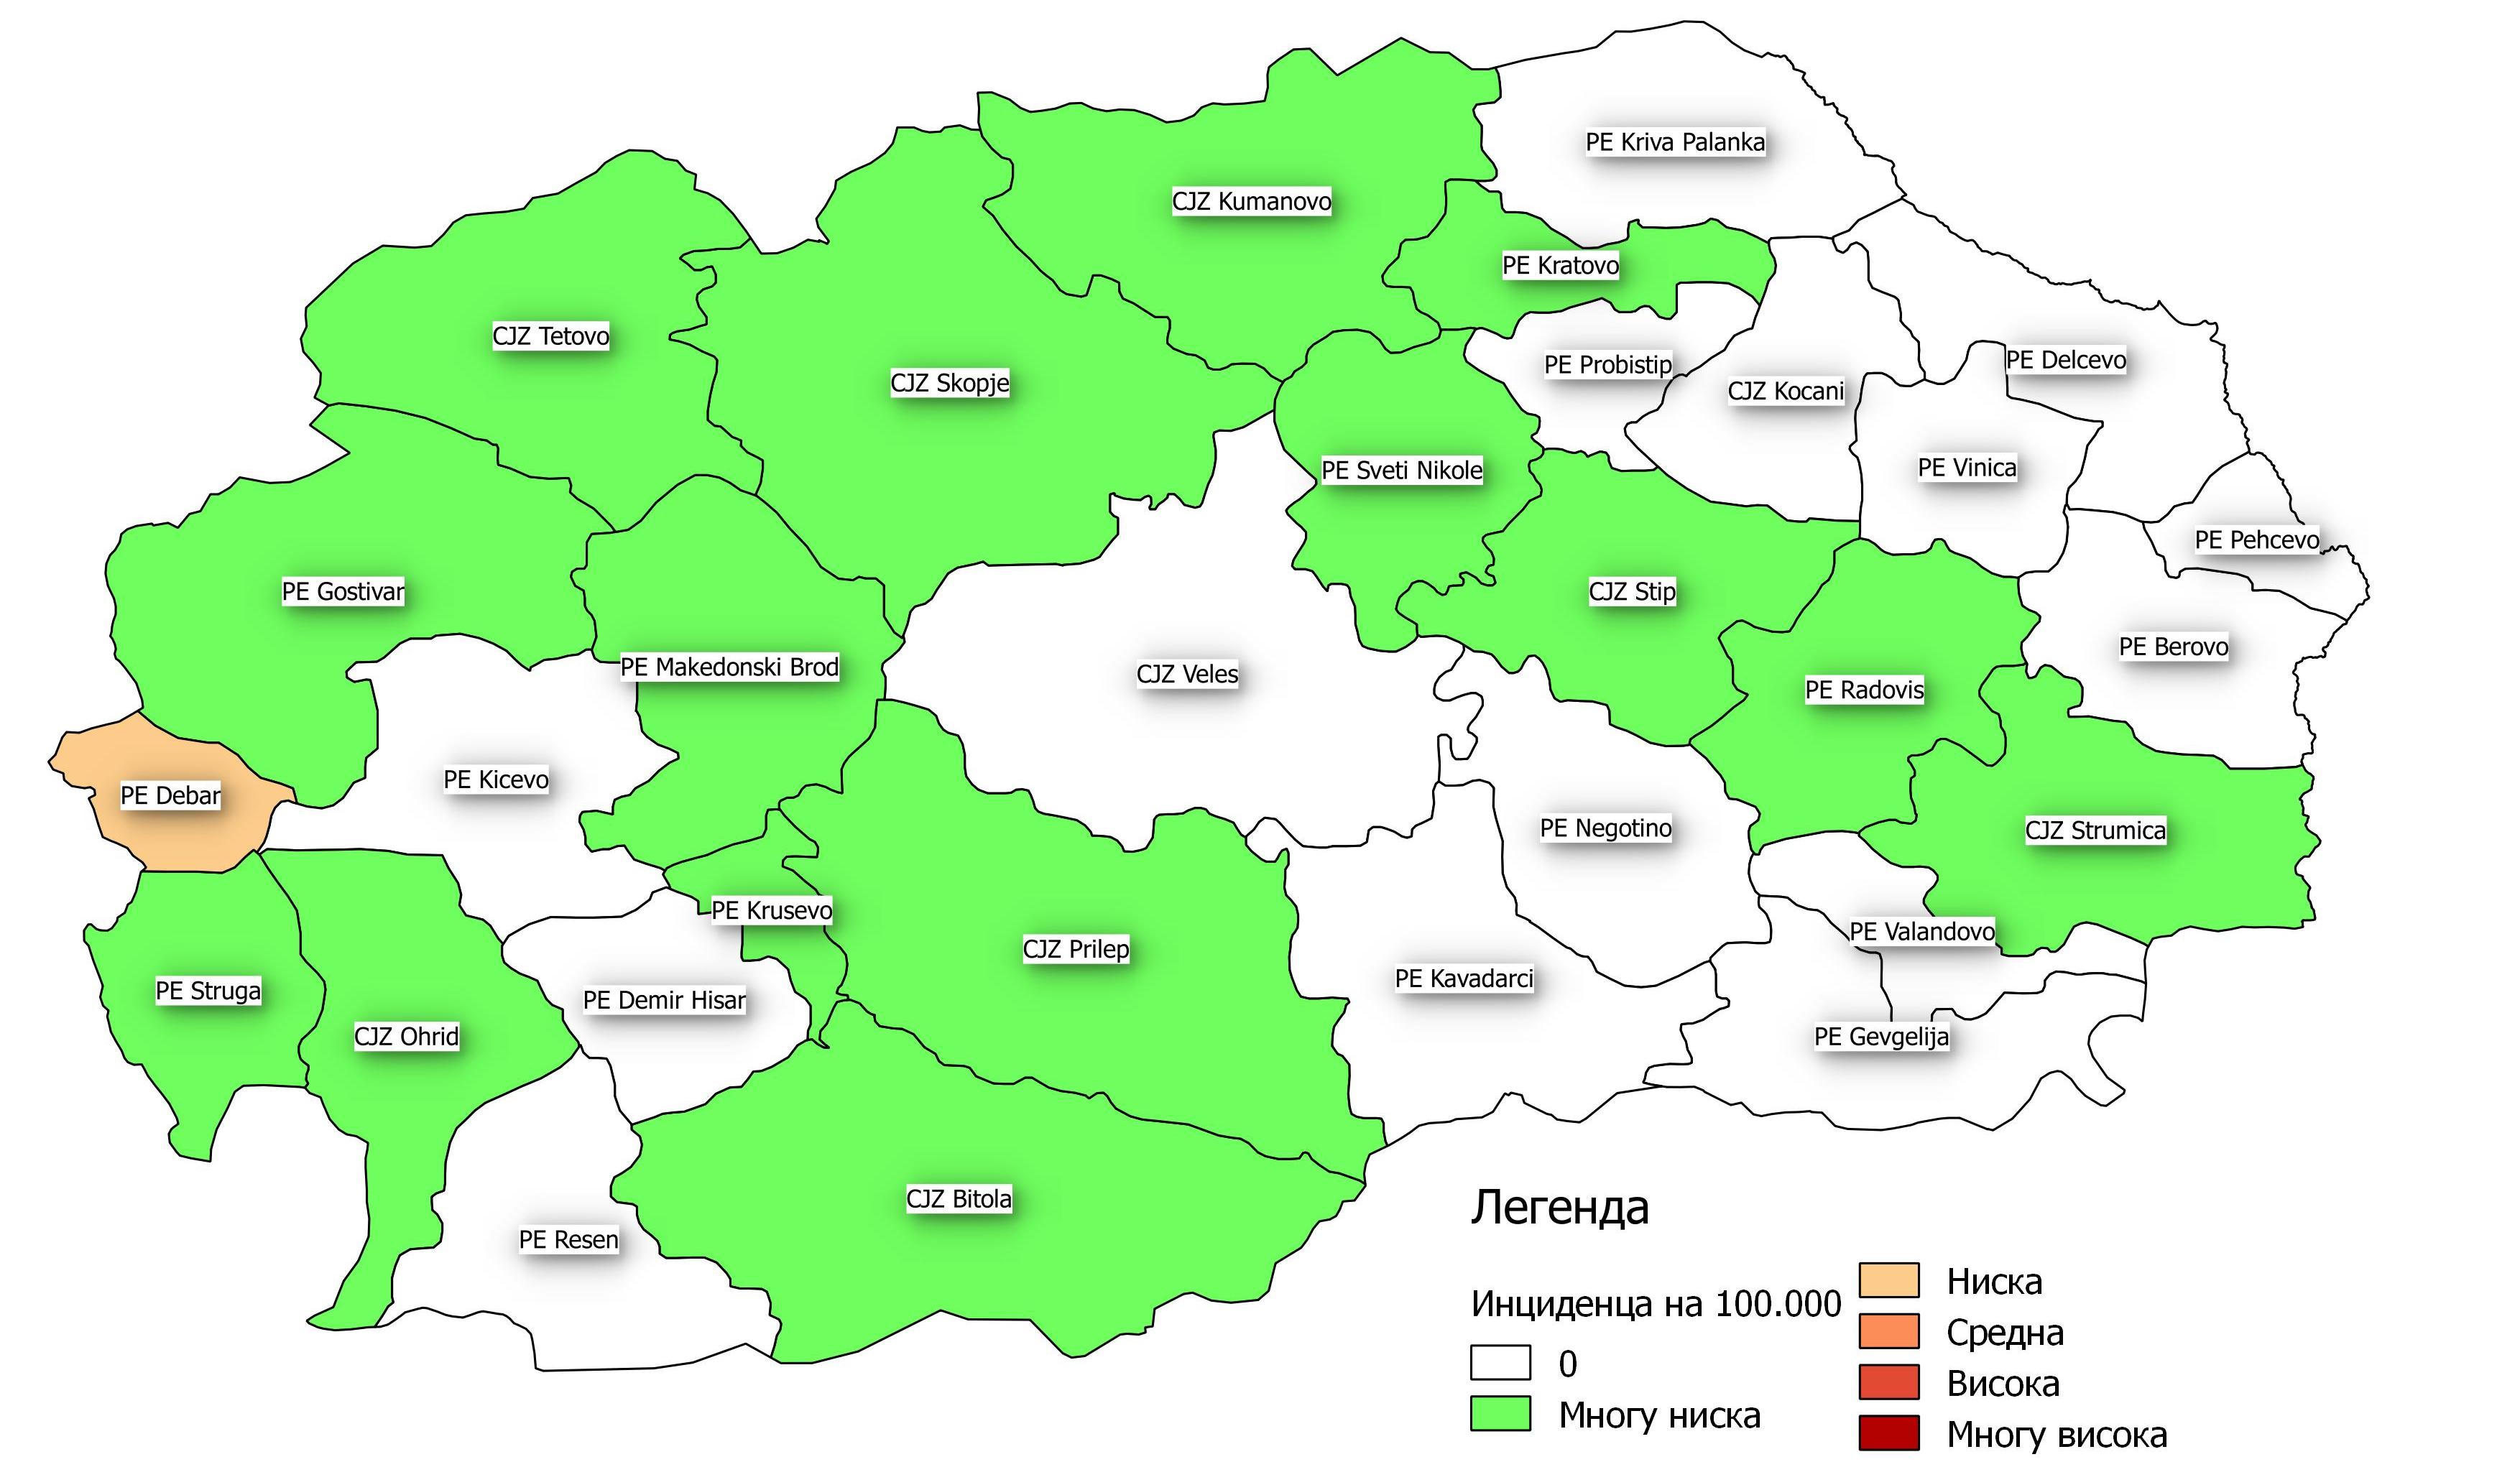 slika 2 mapa